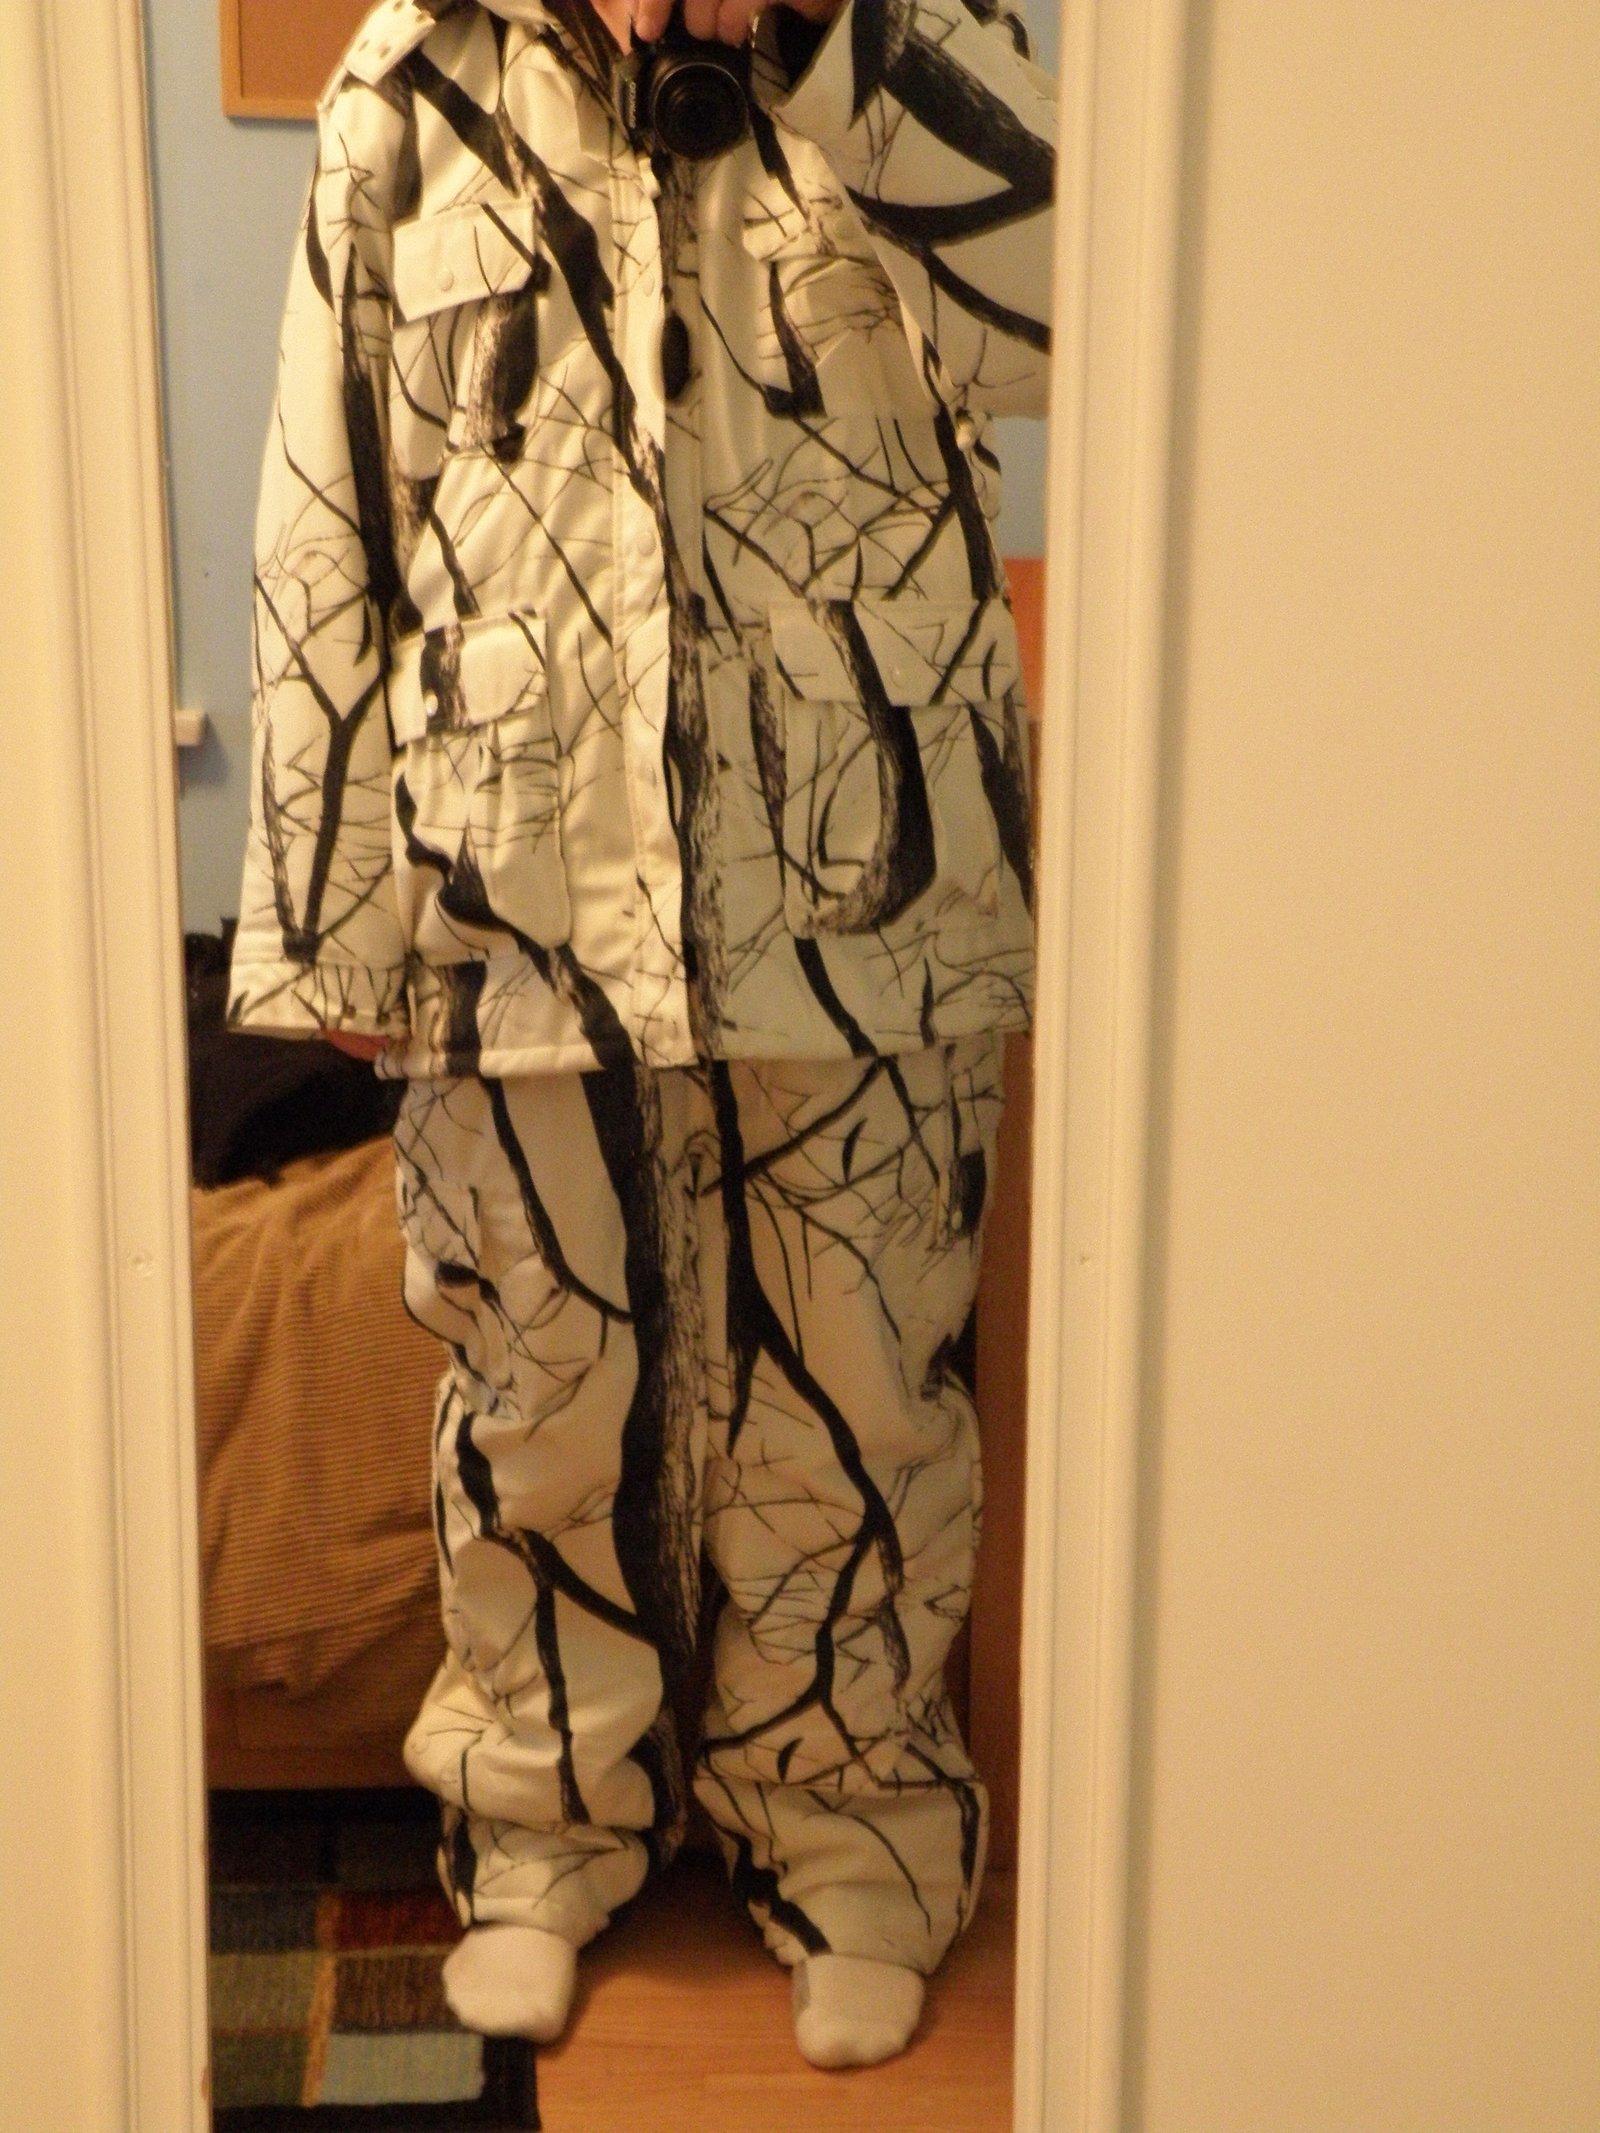 New Suit, $120 Walmart